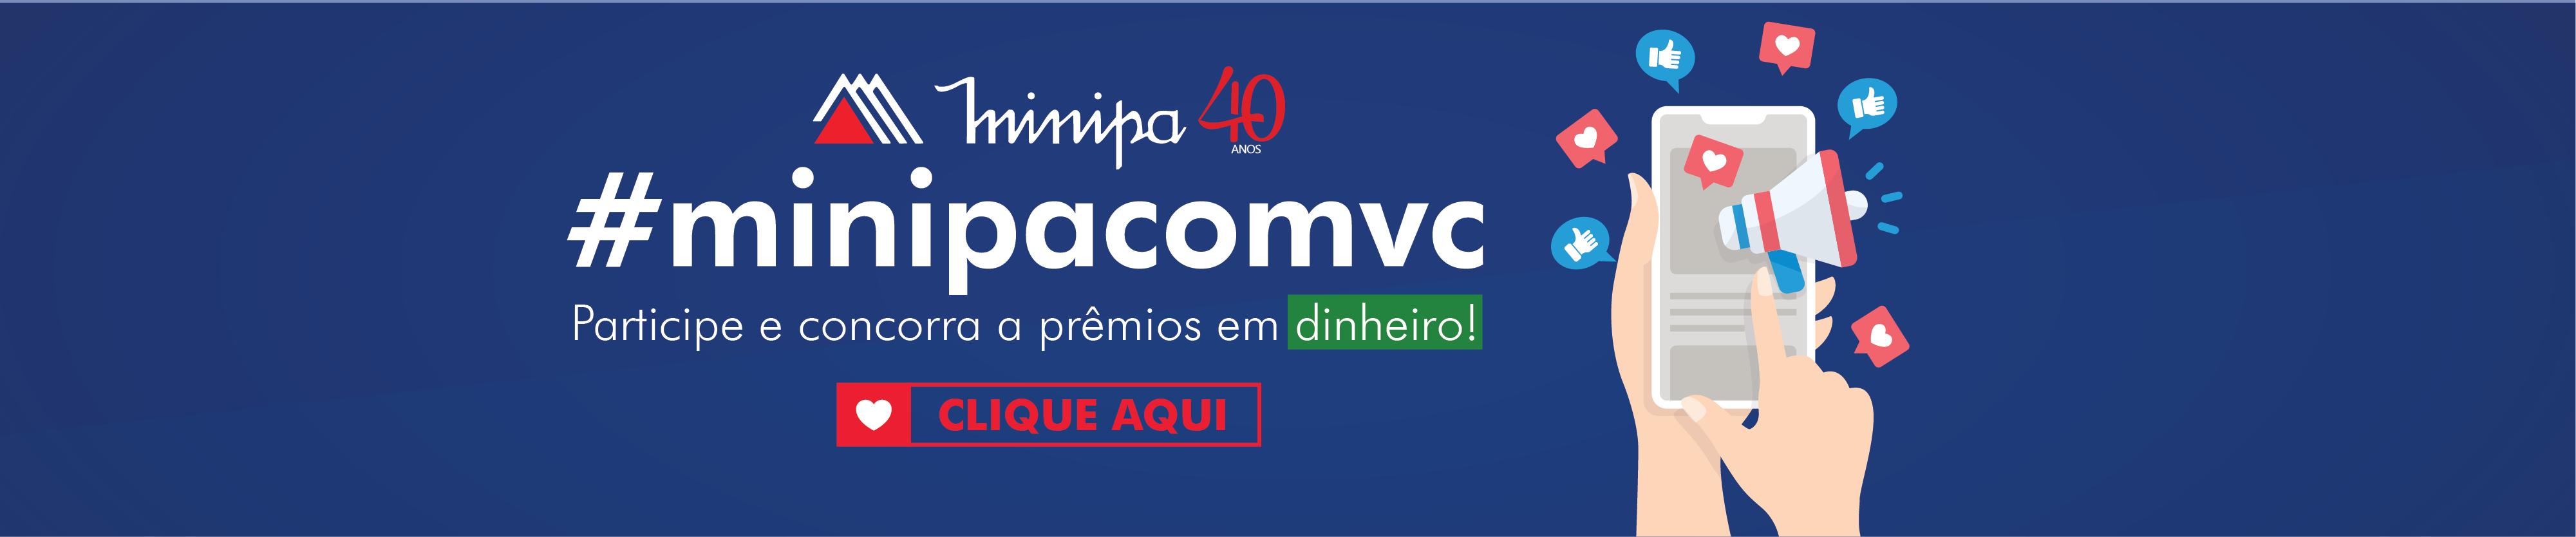 minipacomvc_desktop